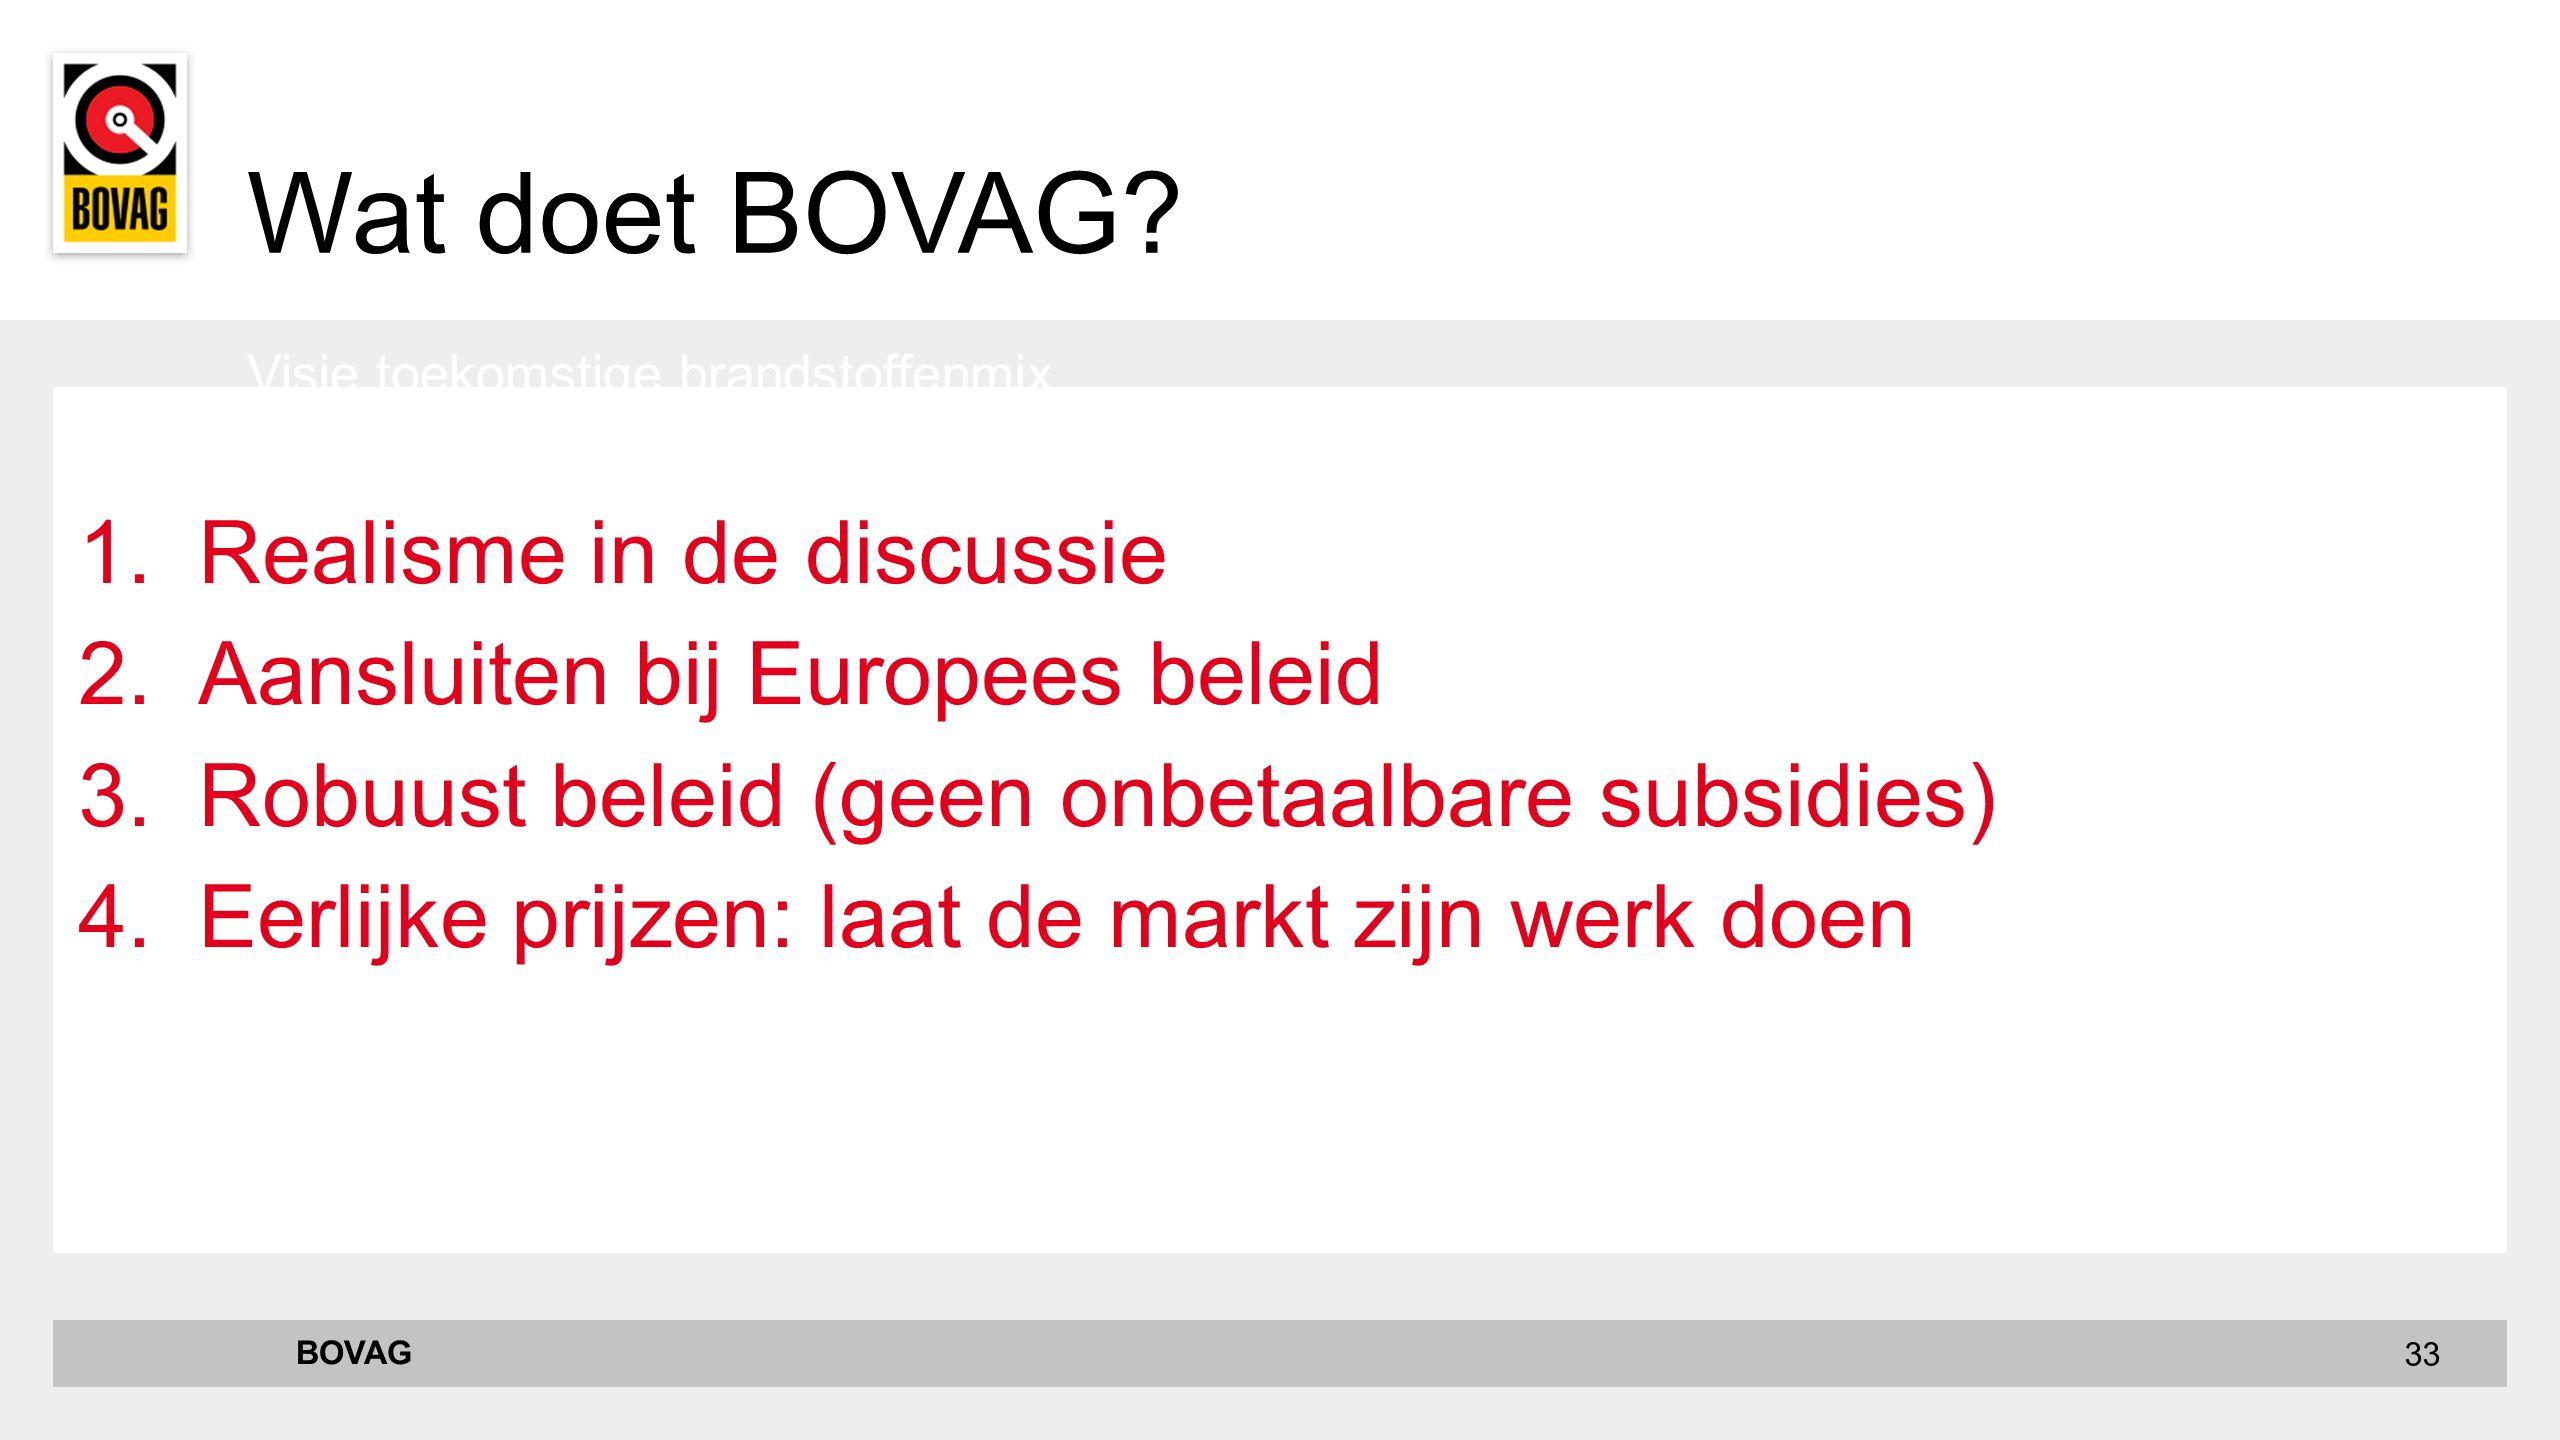 33 1.Realisme in de discussie 2.Aansluiten bij Europees beleid 3.Robuust beleid (geen onbetaalbare subsidies) 4.Eerlijke prijzen: laat de markt zijn werk doen Visie toekomstige brandstoffenmix BOVAG Wat doet BOVAG